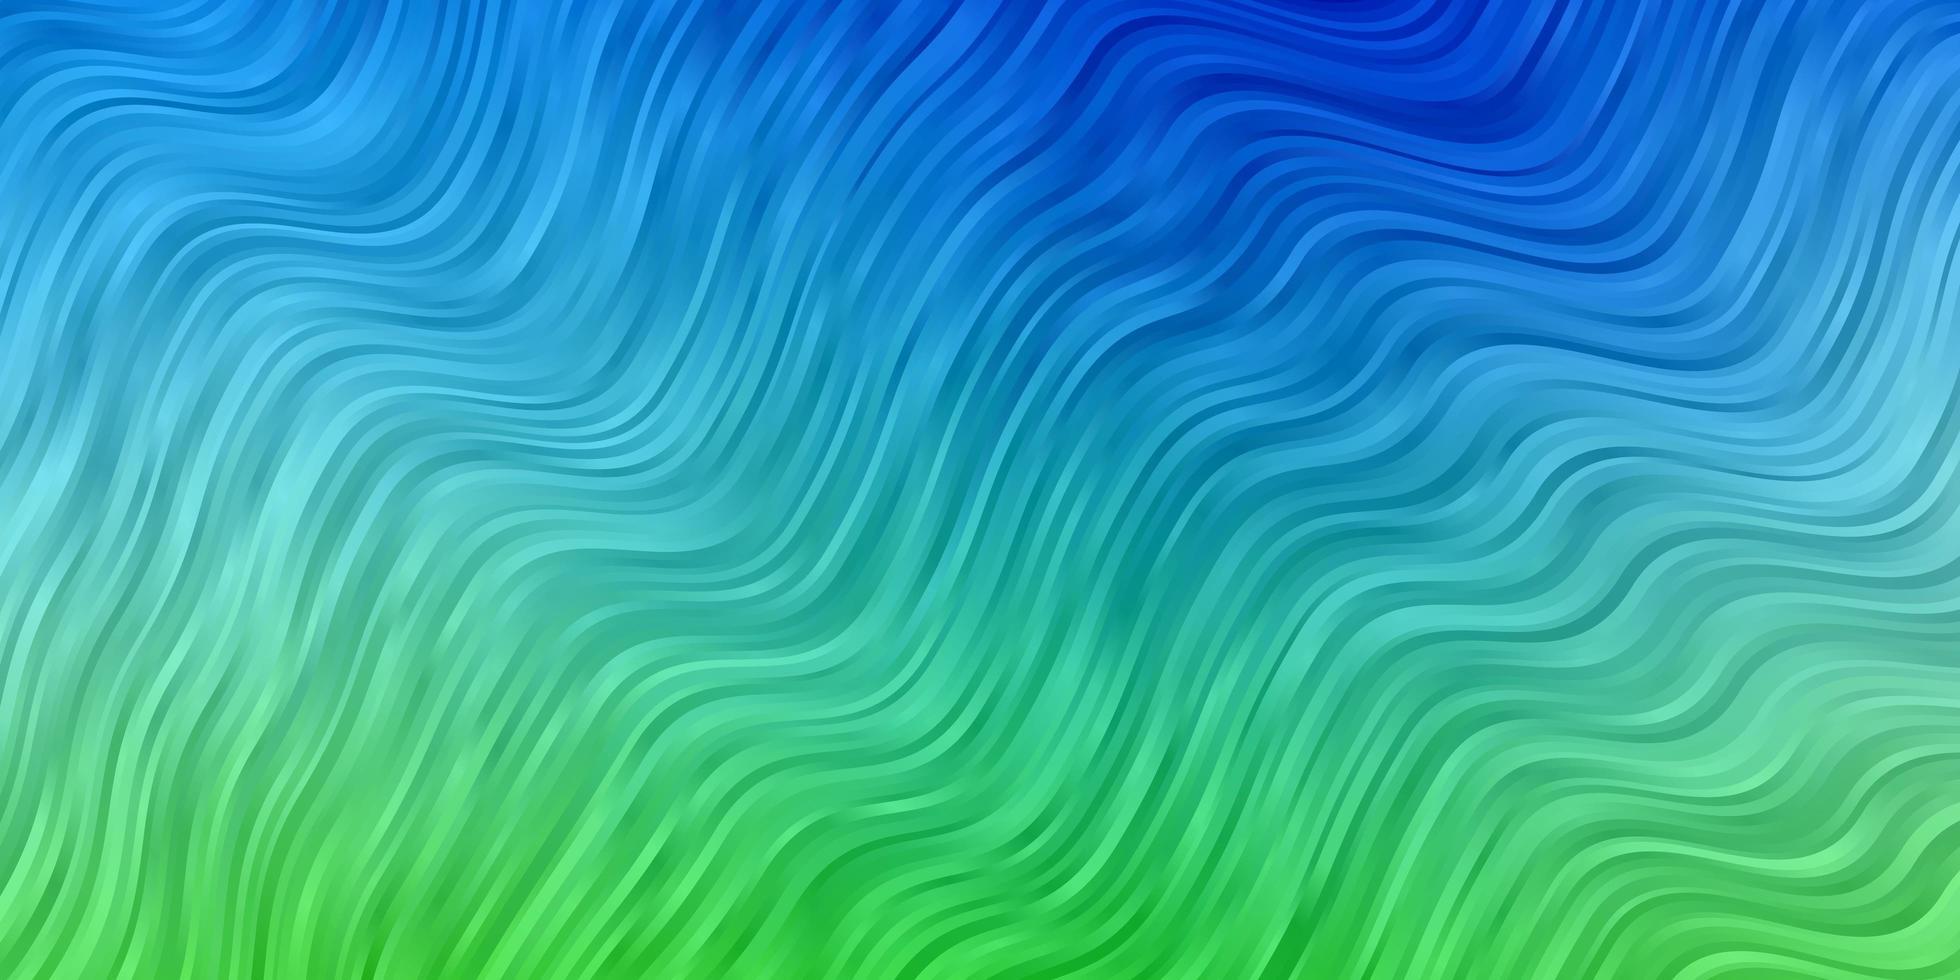 motif bleu et vert avec des lignes courbes. vecteur